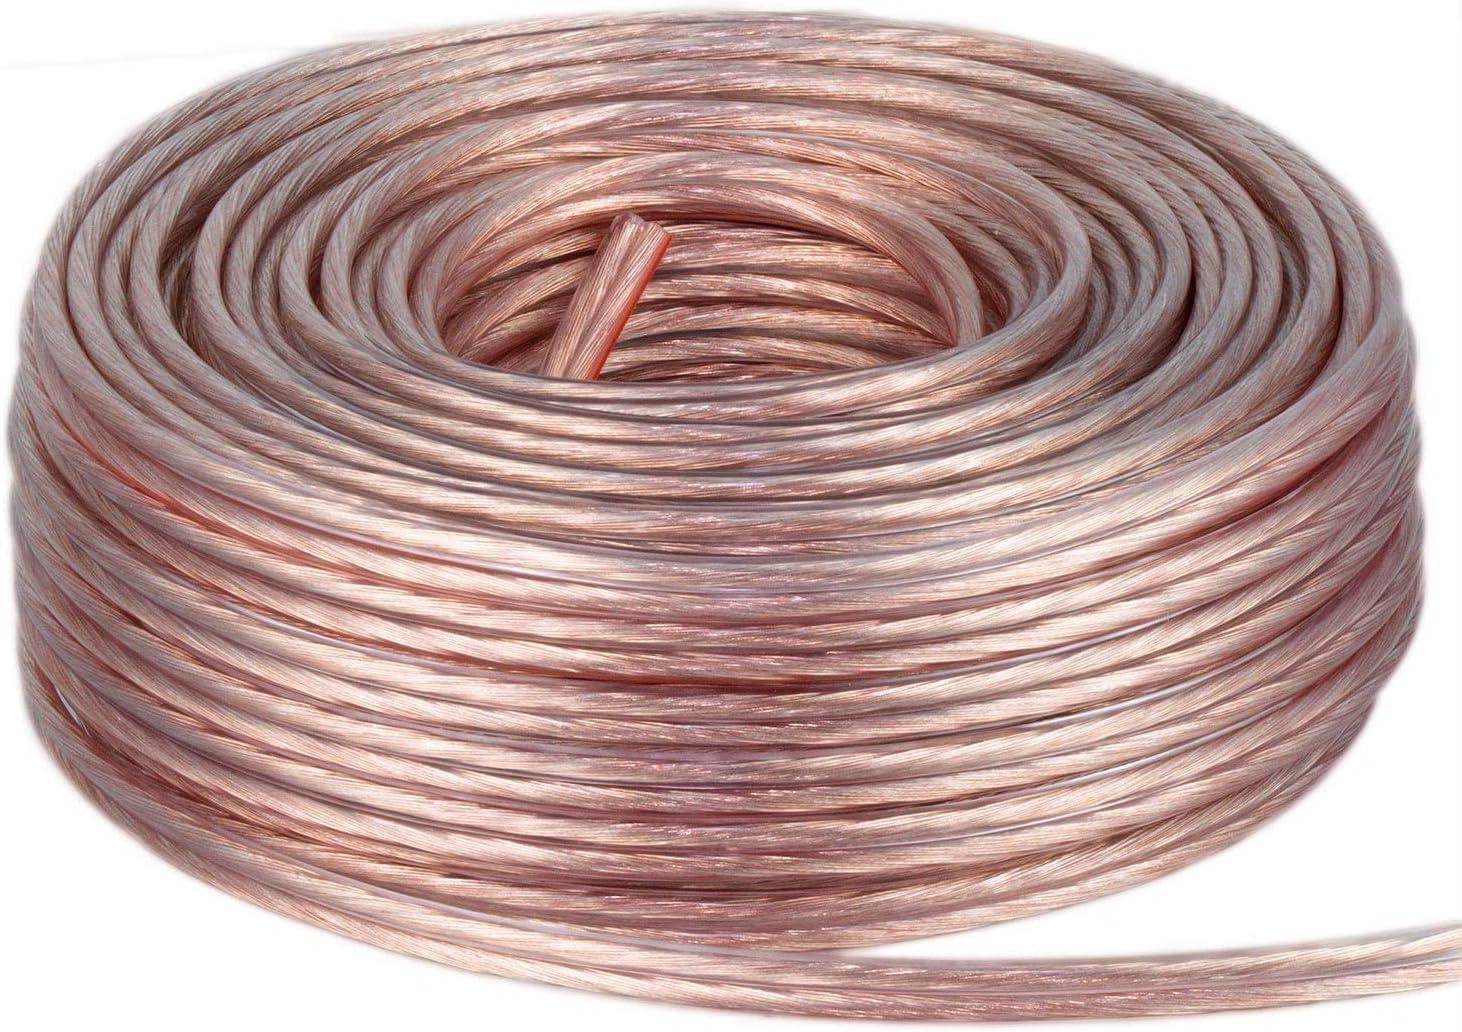 Rojo 1.5 mm/², 10 m Cable de Altavoz Mac Audio LS 1510